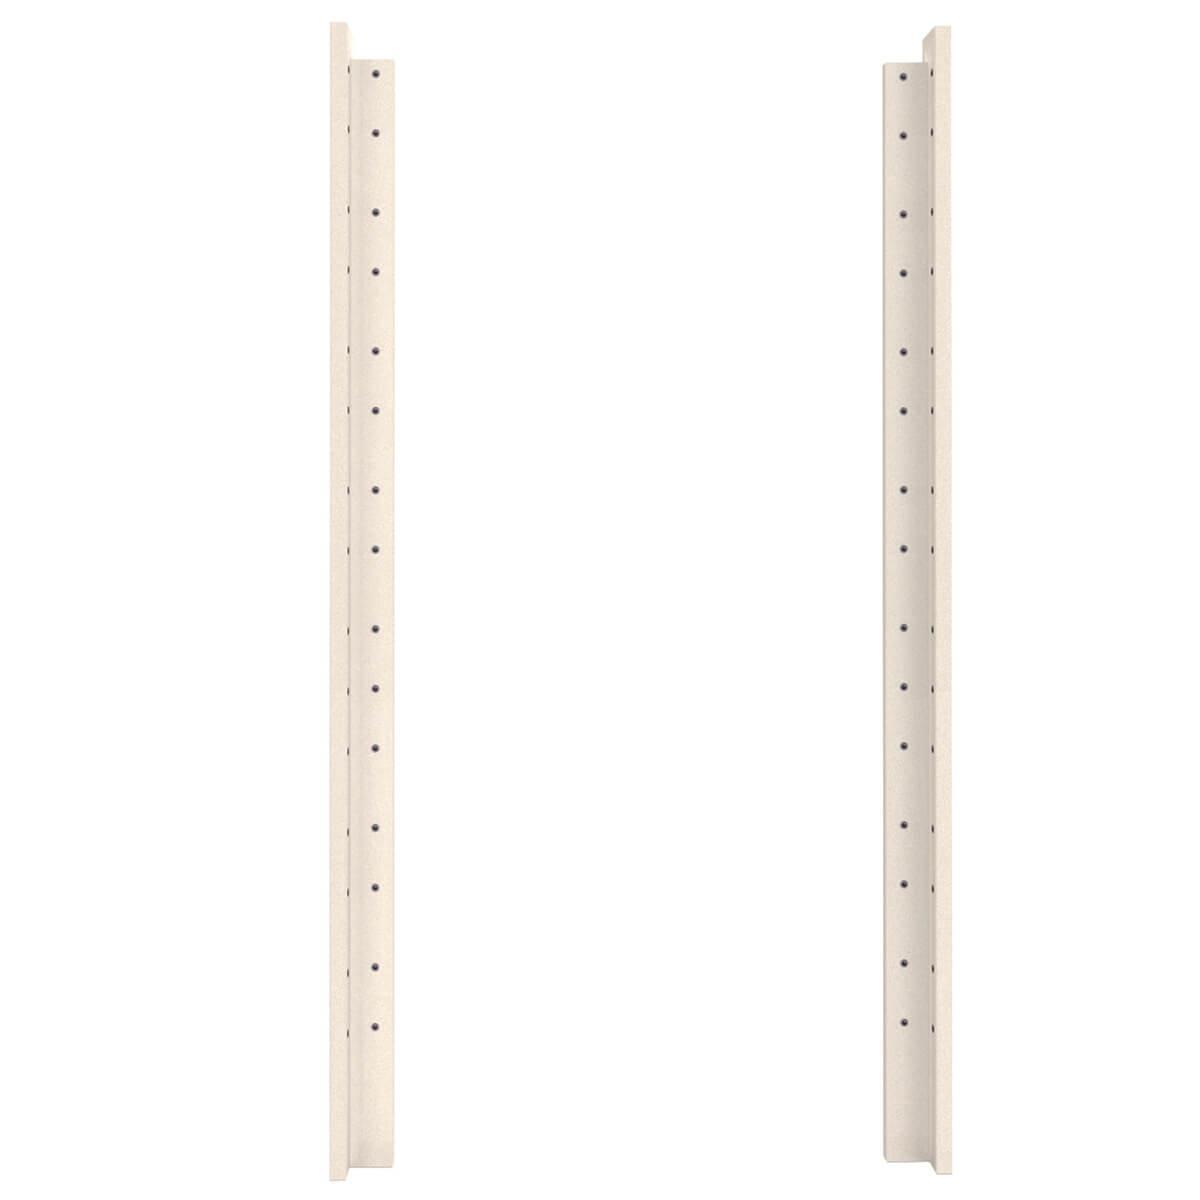 Eckpfosten hoch 184cm 2-Stück Bettzubehör DESTYLE de Breuyn Buche massiv weiß gebeizt-lackiert